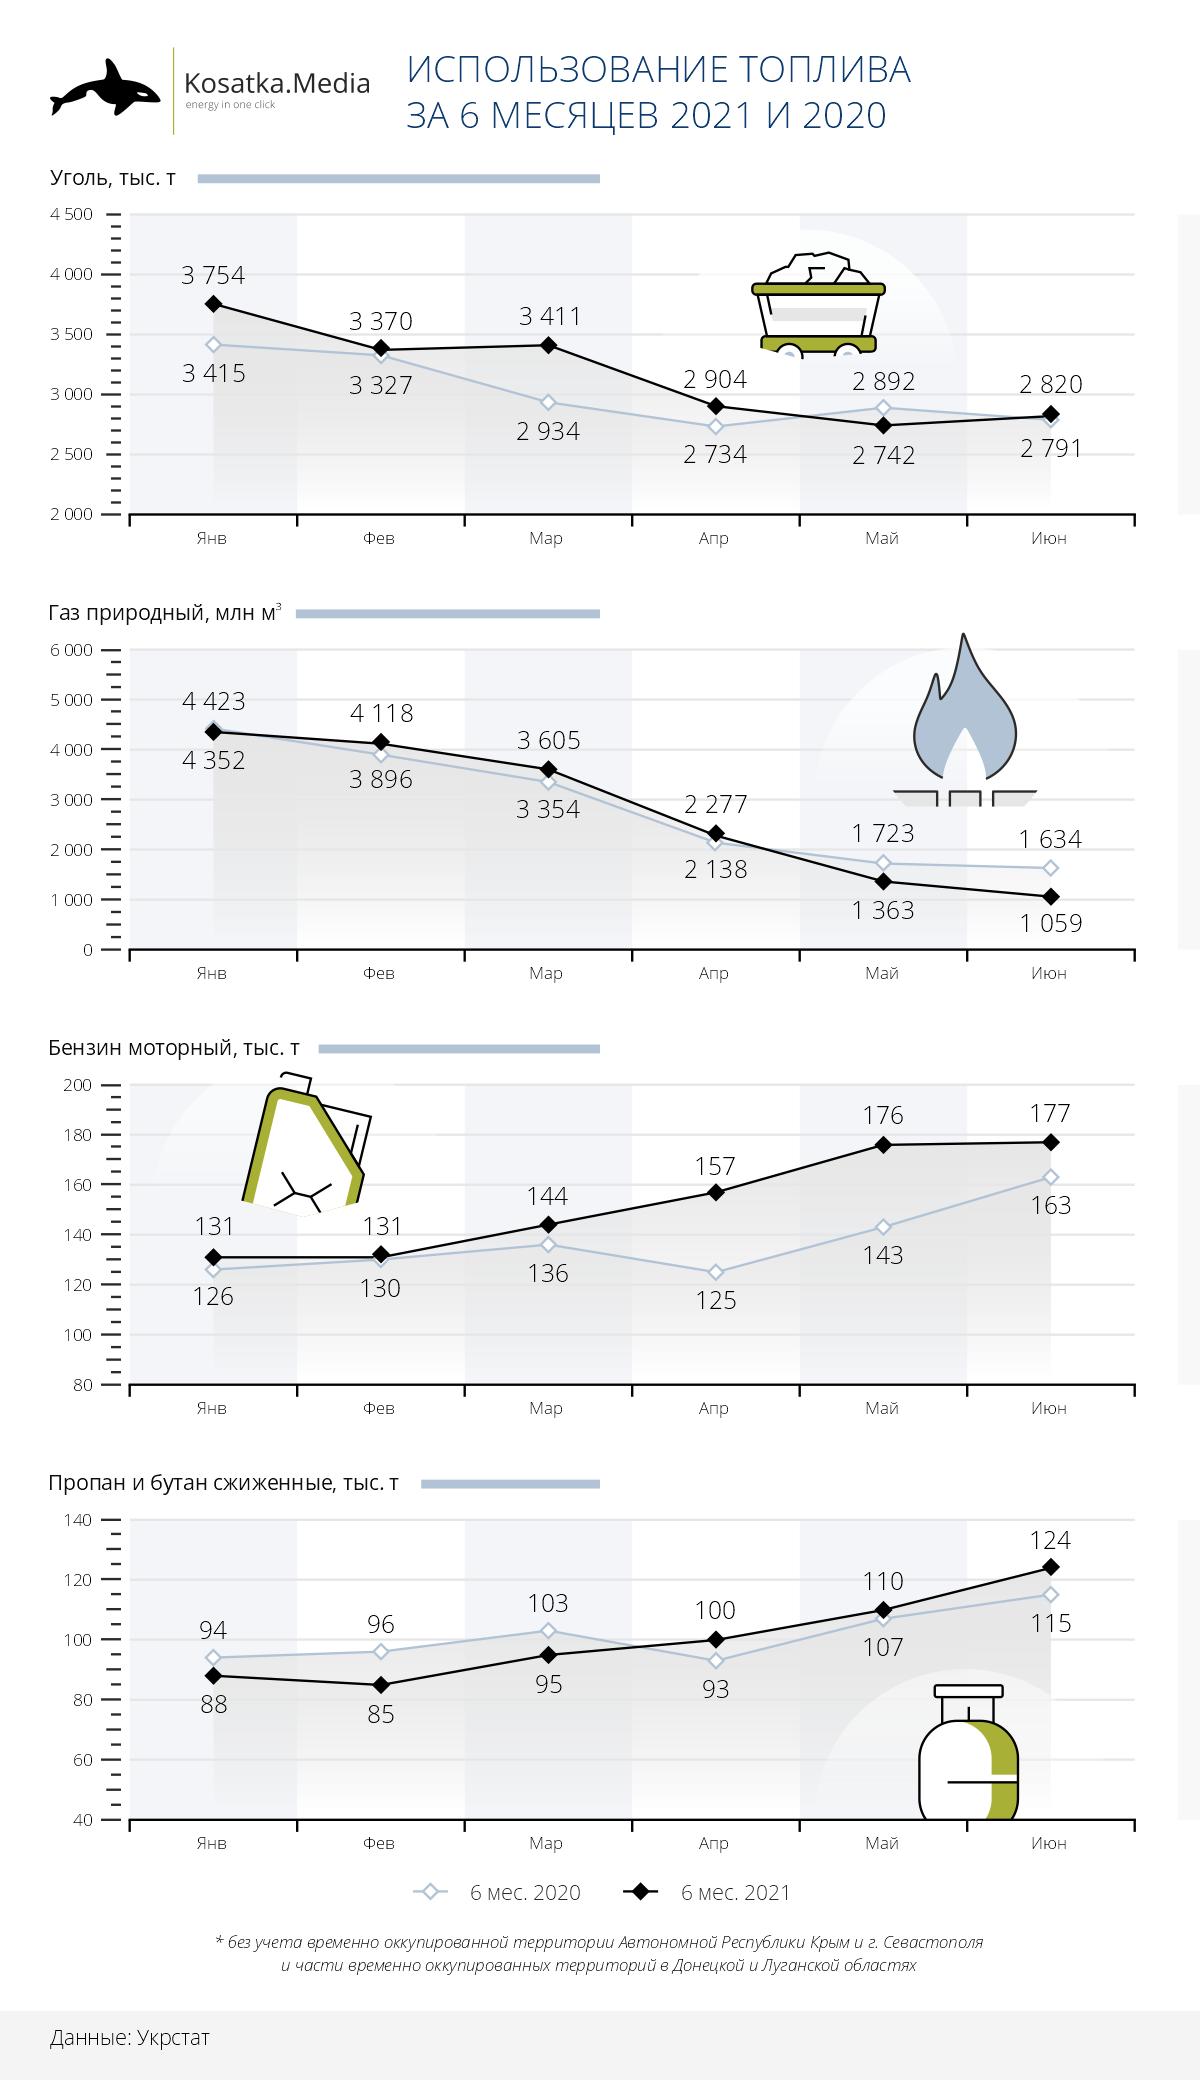 Использование топлива в Украине 6 мес 21